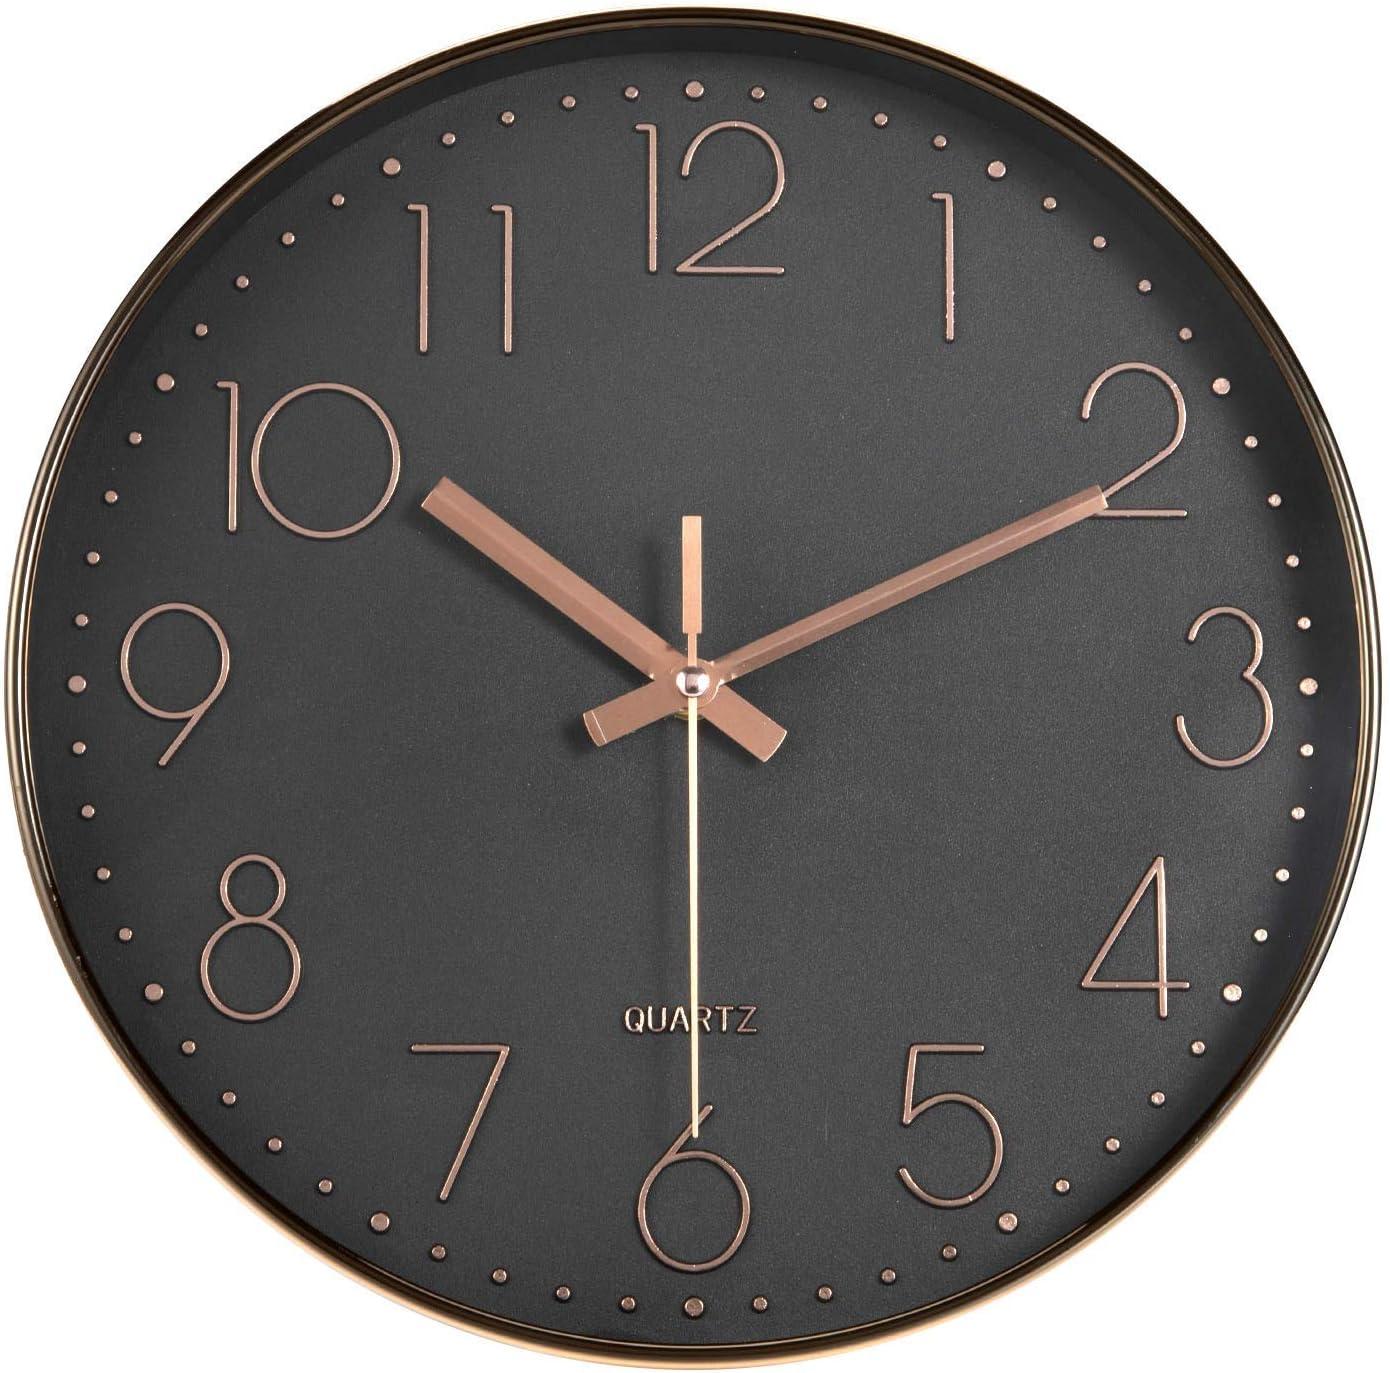 HZDHCLH Horloge Murale silencieuse sans tic-tac 30cm Moderne décoration pour Salon Cuisine Bureau Chambre (Rosegold-Noir)